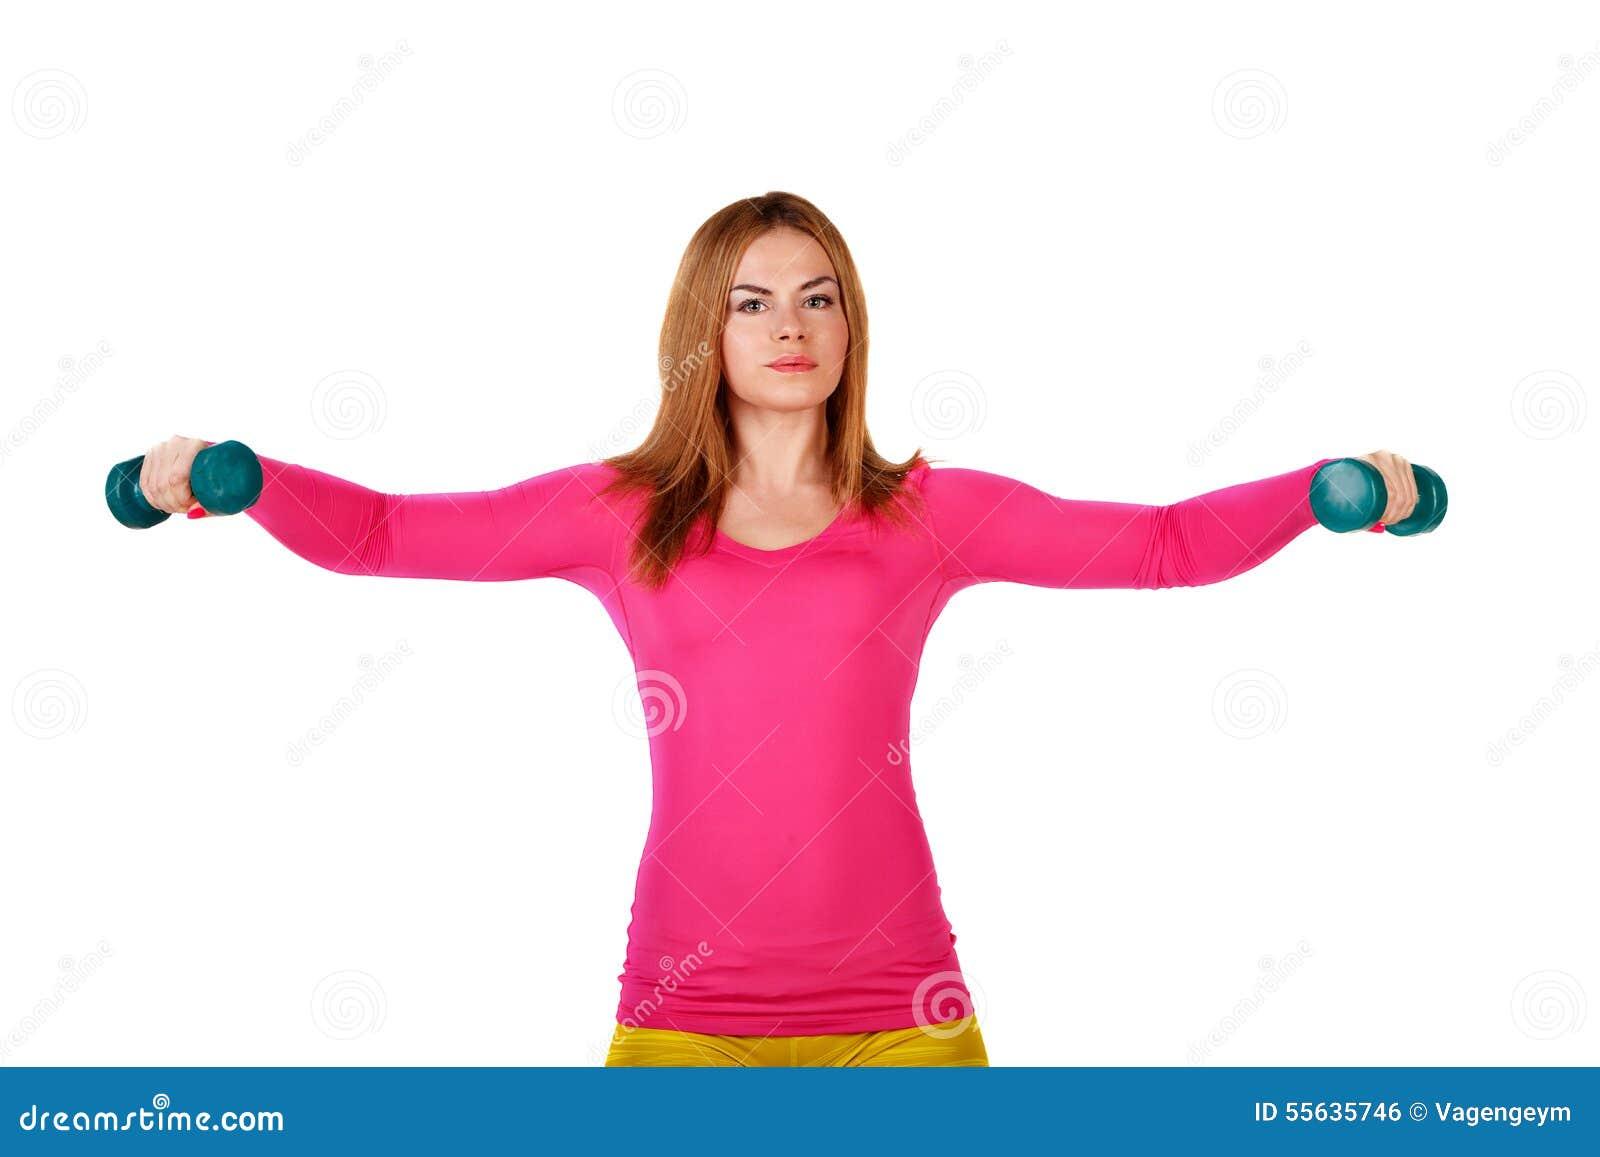 Las deportistas hacen ejercicios con pesas de gimnasia for Ejercicios de gimnasia